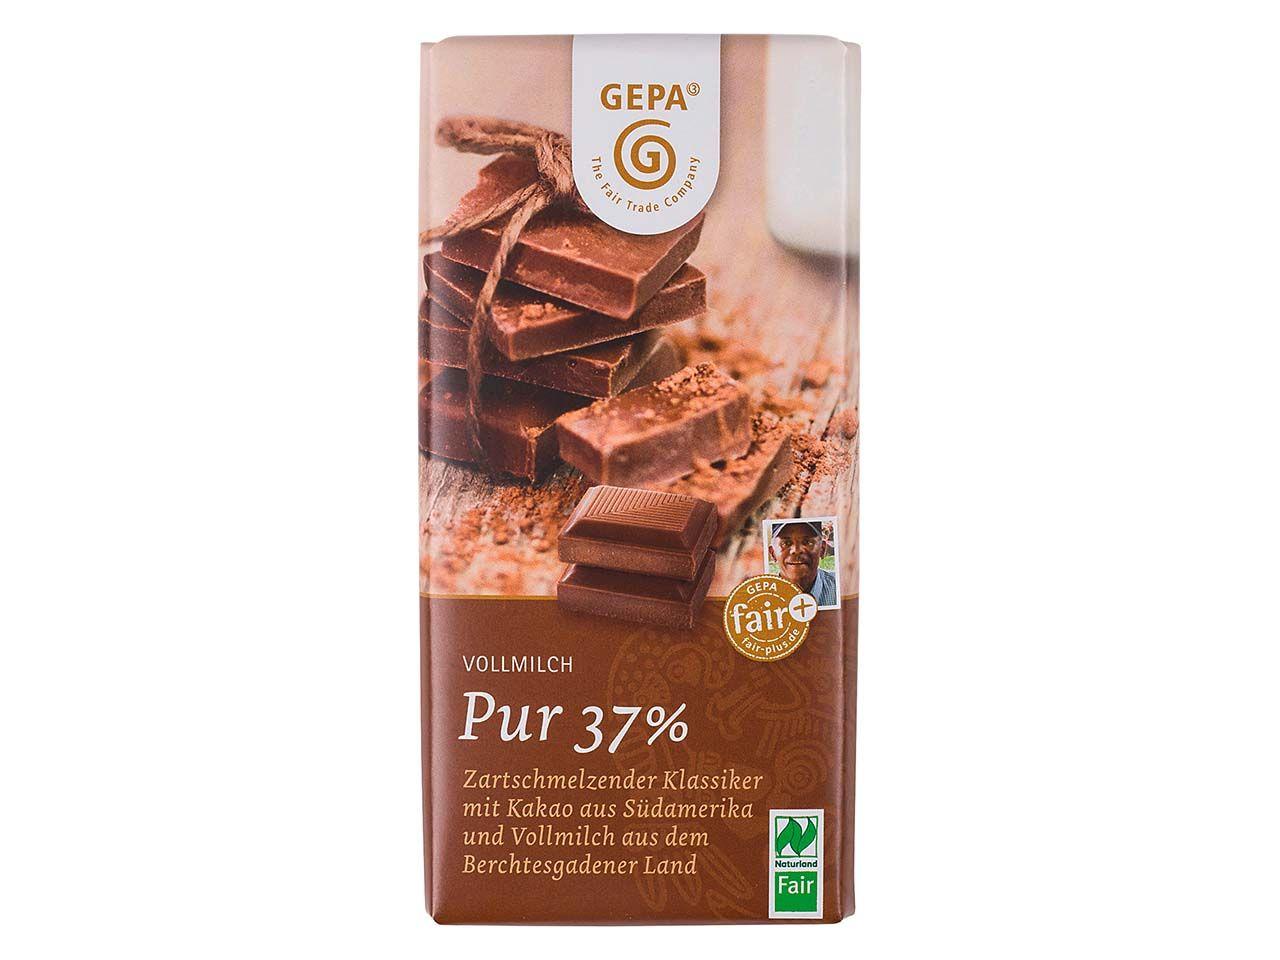 """GEPA Bio-Schokolade """"Vollmilch Pur 37%"""" 100 g 8951802"""